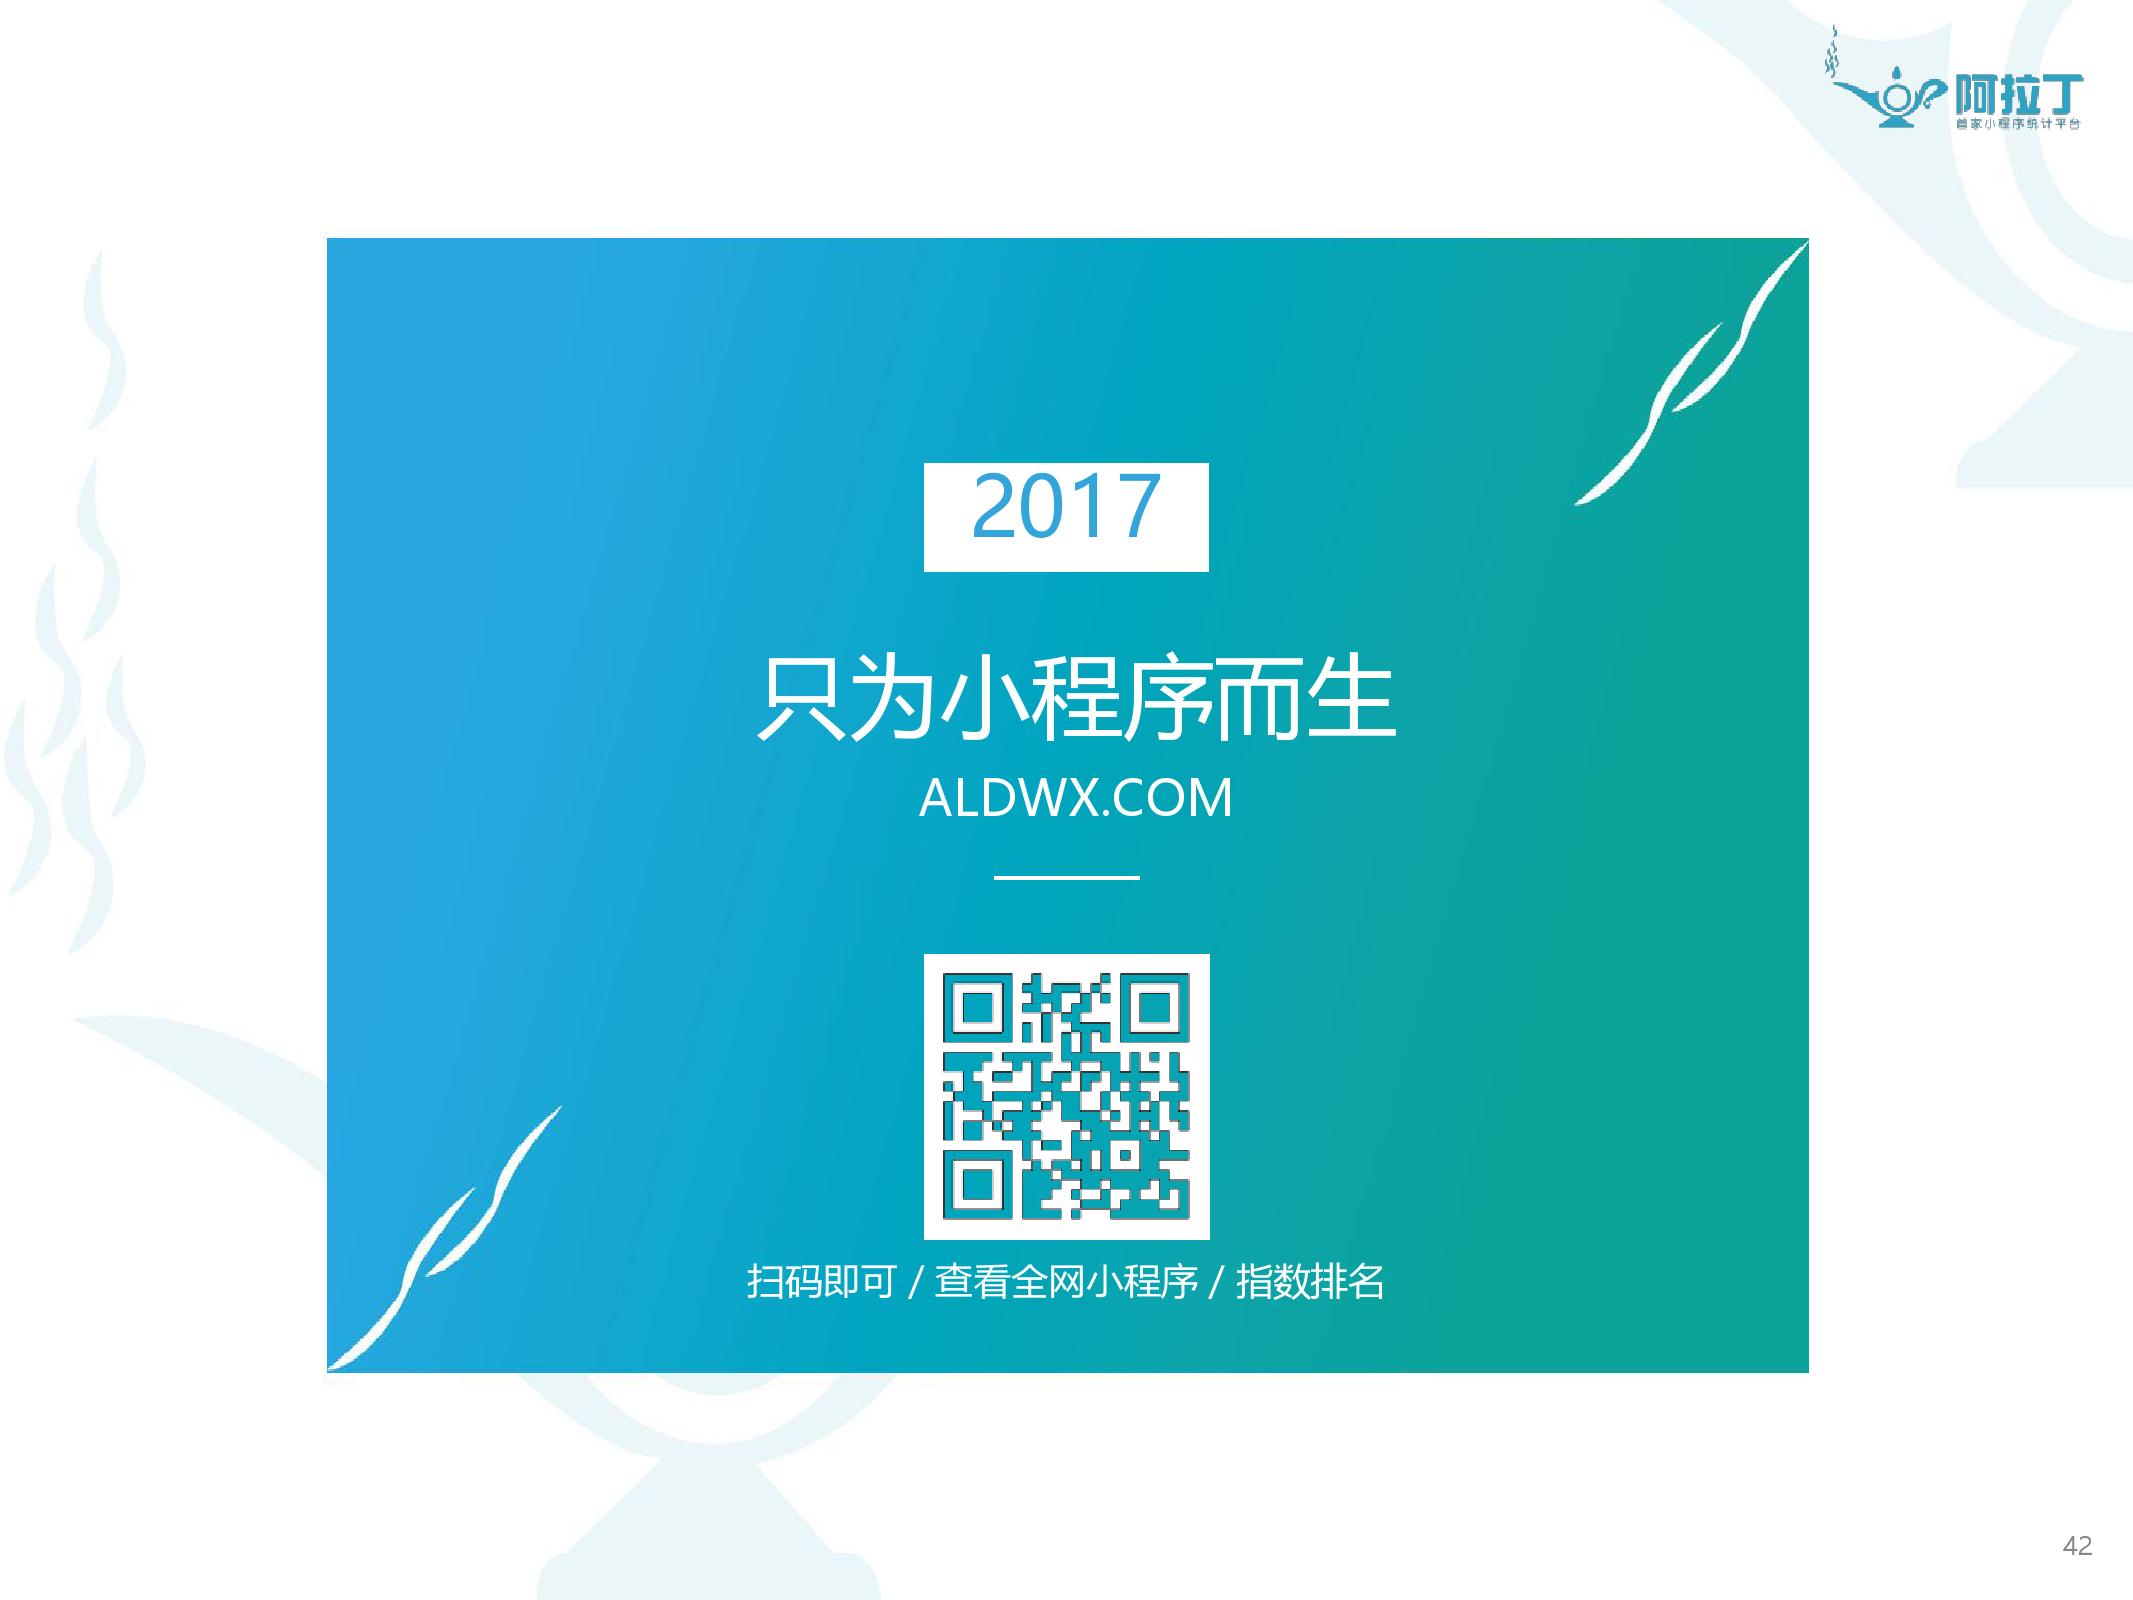 2017年Q2微信小程序监测数据&指数榜单